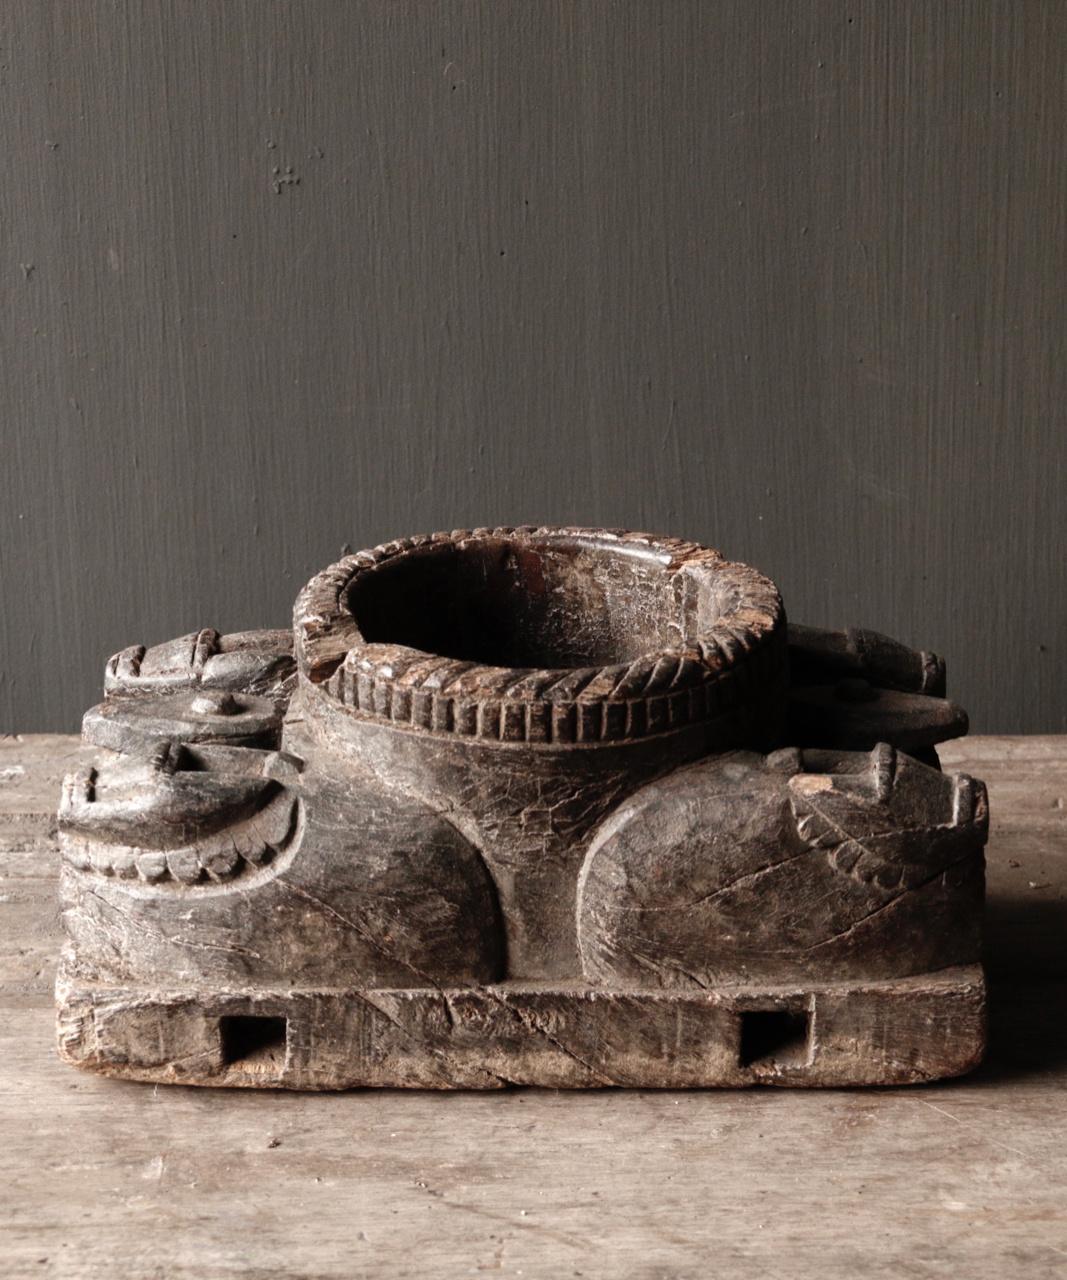 Alter hölzerner Kerzenhalter von der alten Verzierung mit geschnitzten heiligen Kühen-2